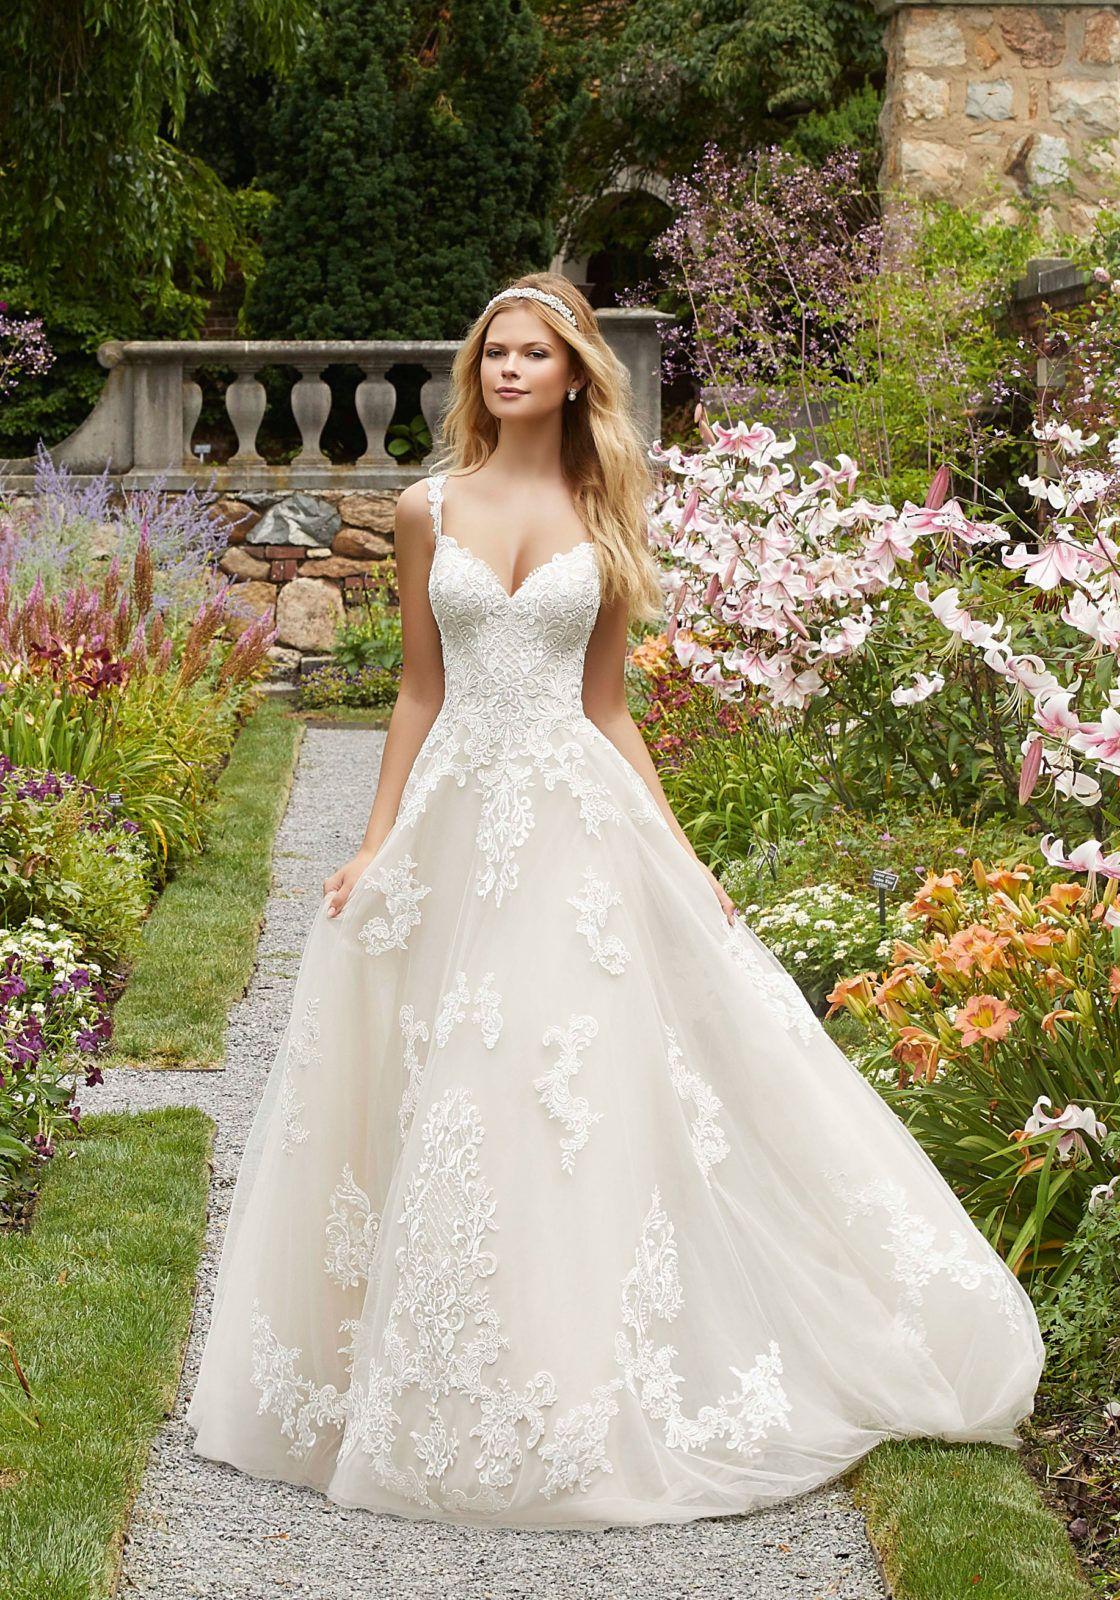 Paoletta Wedding Dress. Fantasy Bridal  a700f78412a1